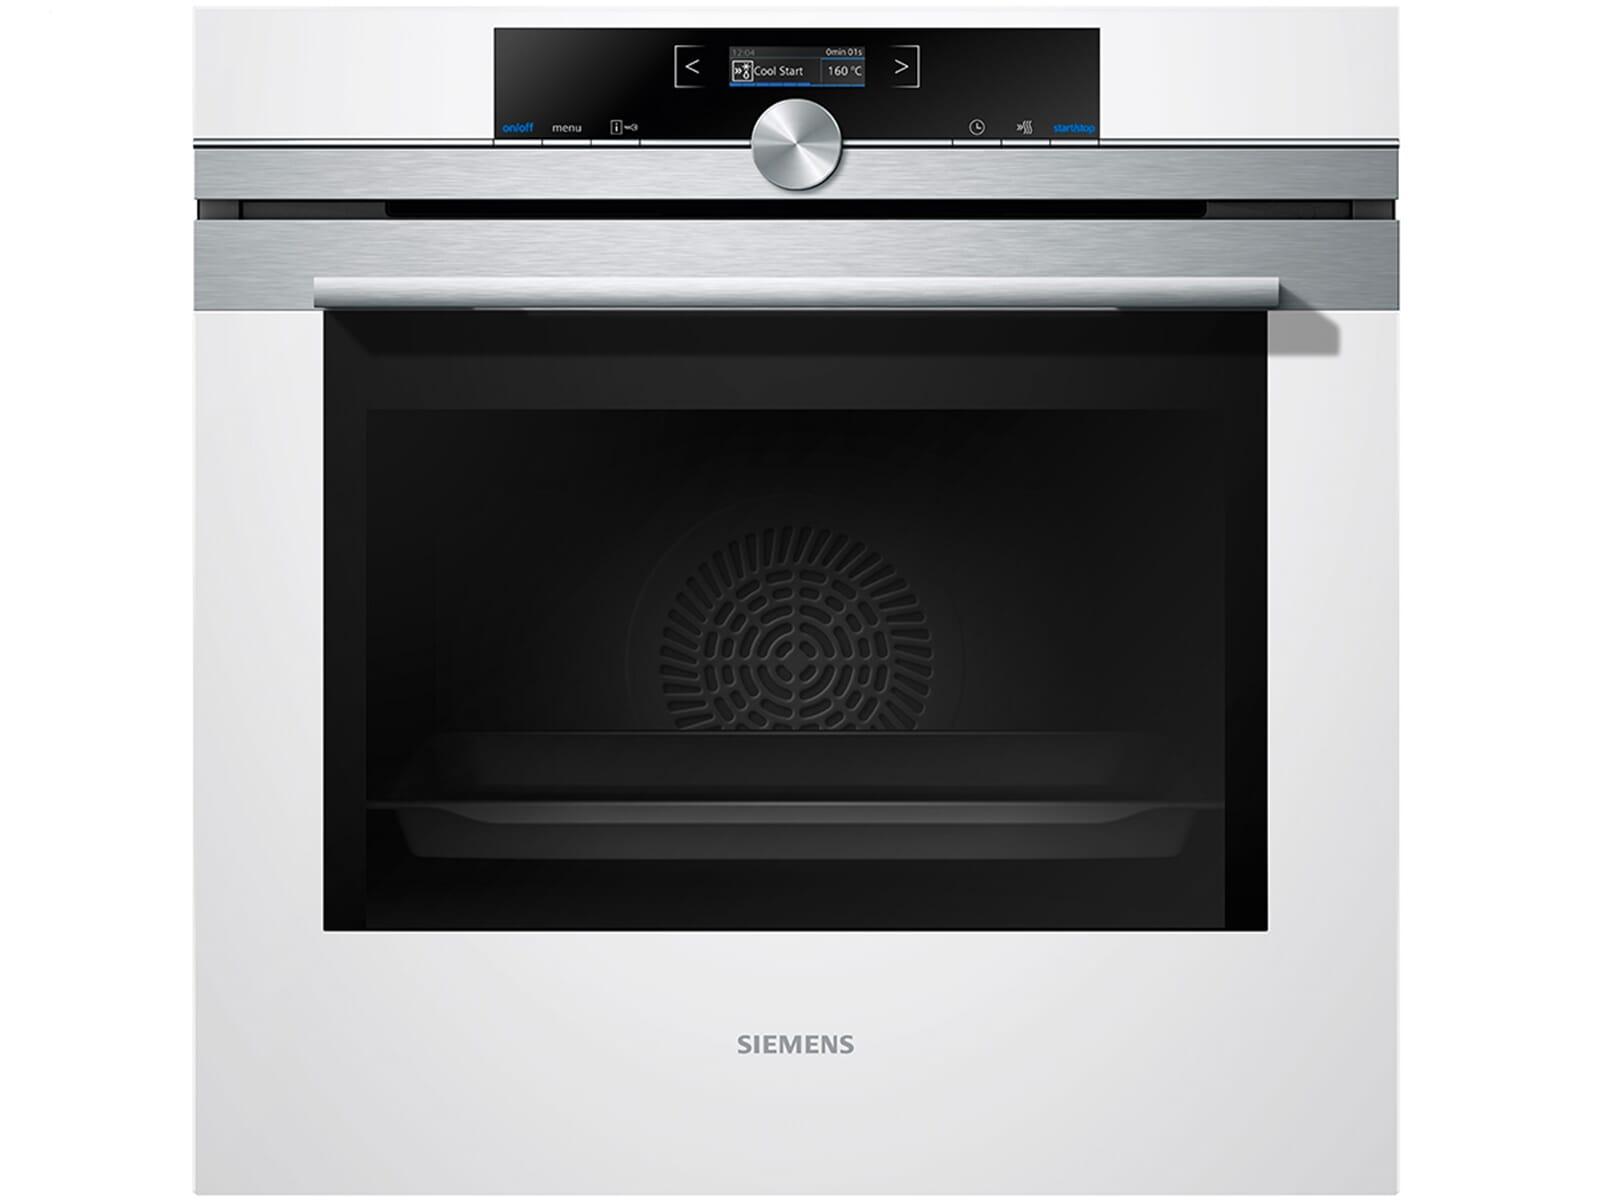 Siemens Kühlschrank Baujahr : Siemens hb gbw backofen weiß